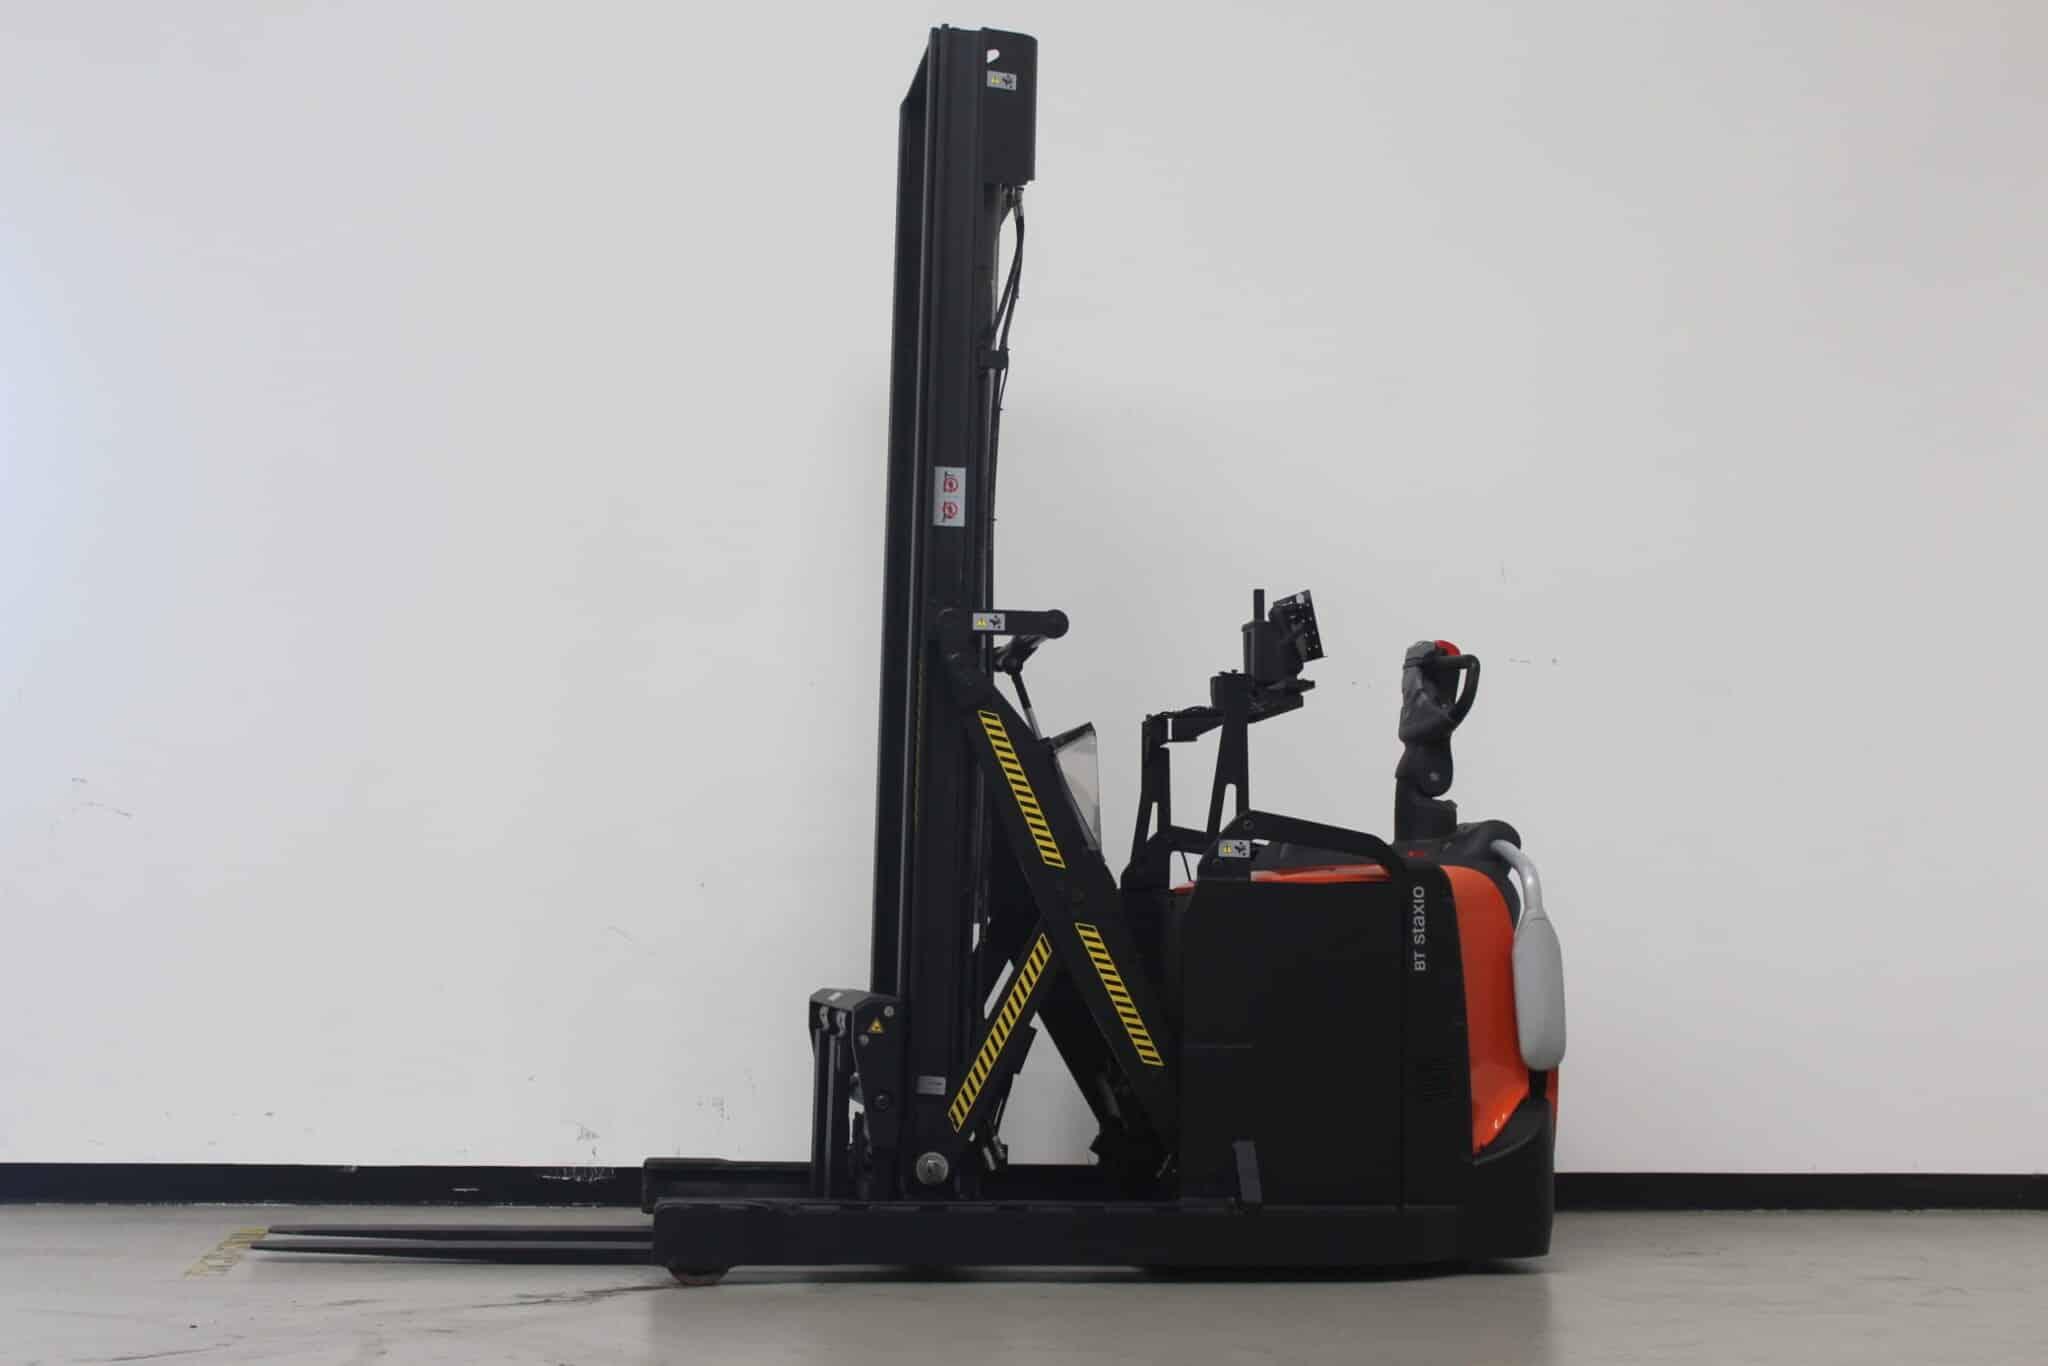 Toyota-Gabelstapler-59840 1701036723 1 51 scaled